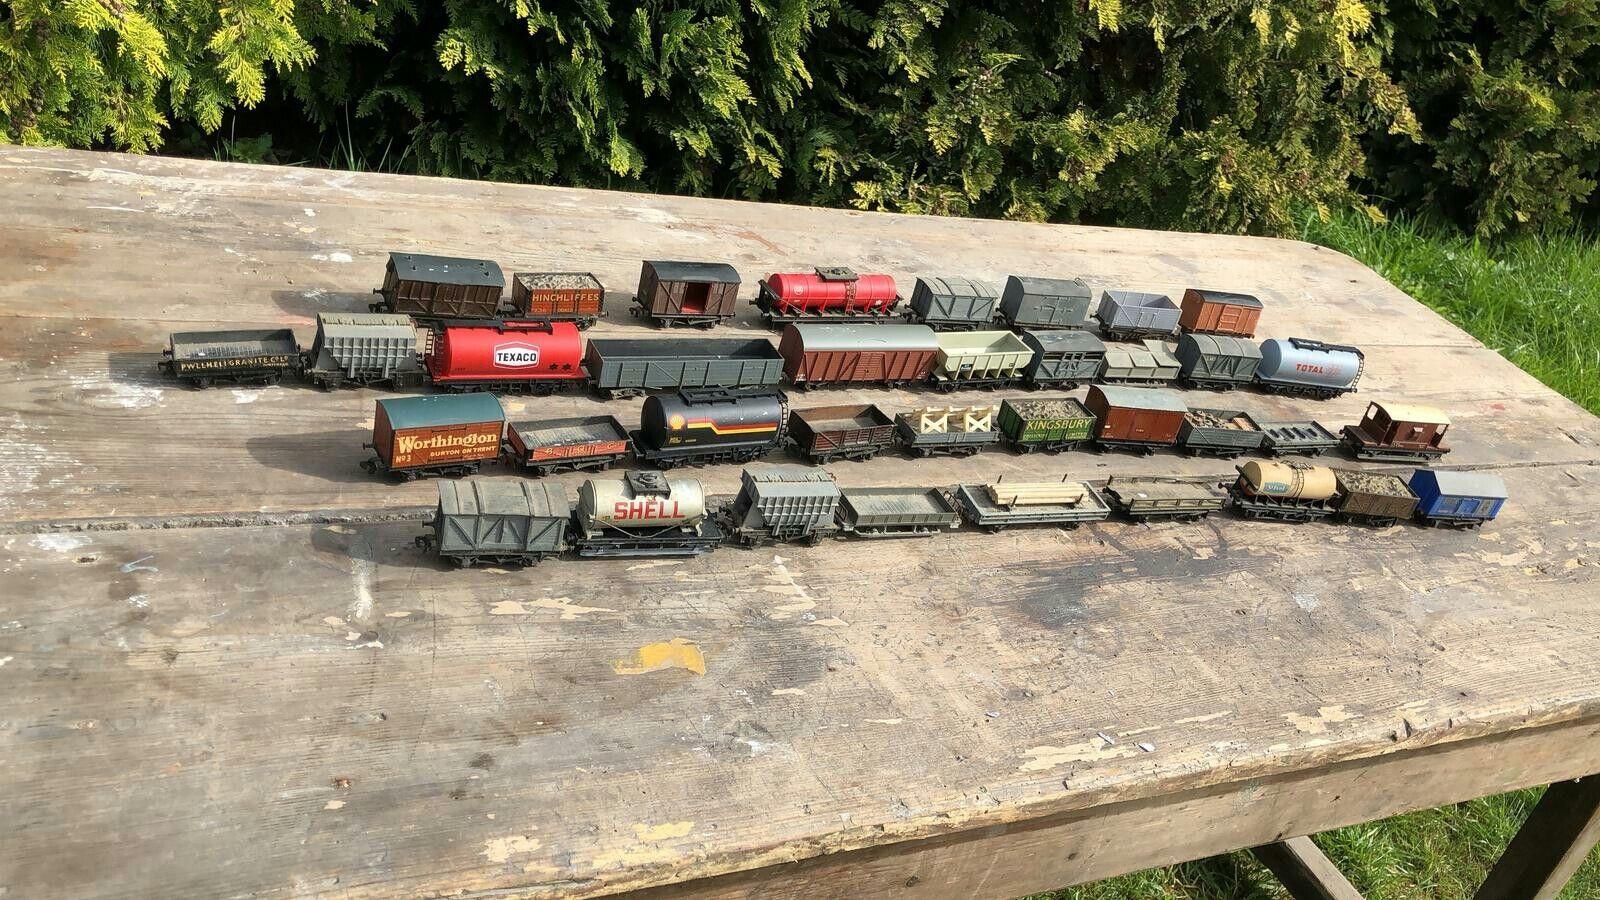 A Fantastic Jahr Sammlung of 1950's Hornby Dublo Meccano Train voitureriages